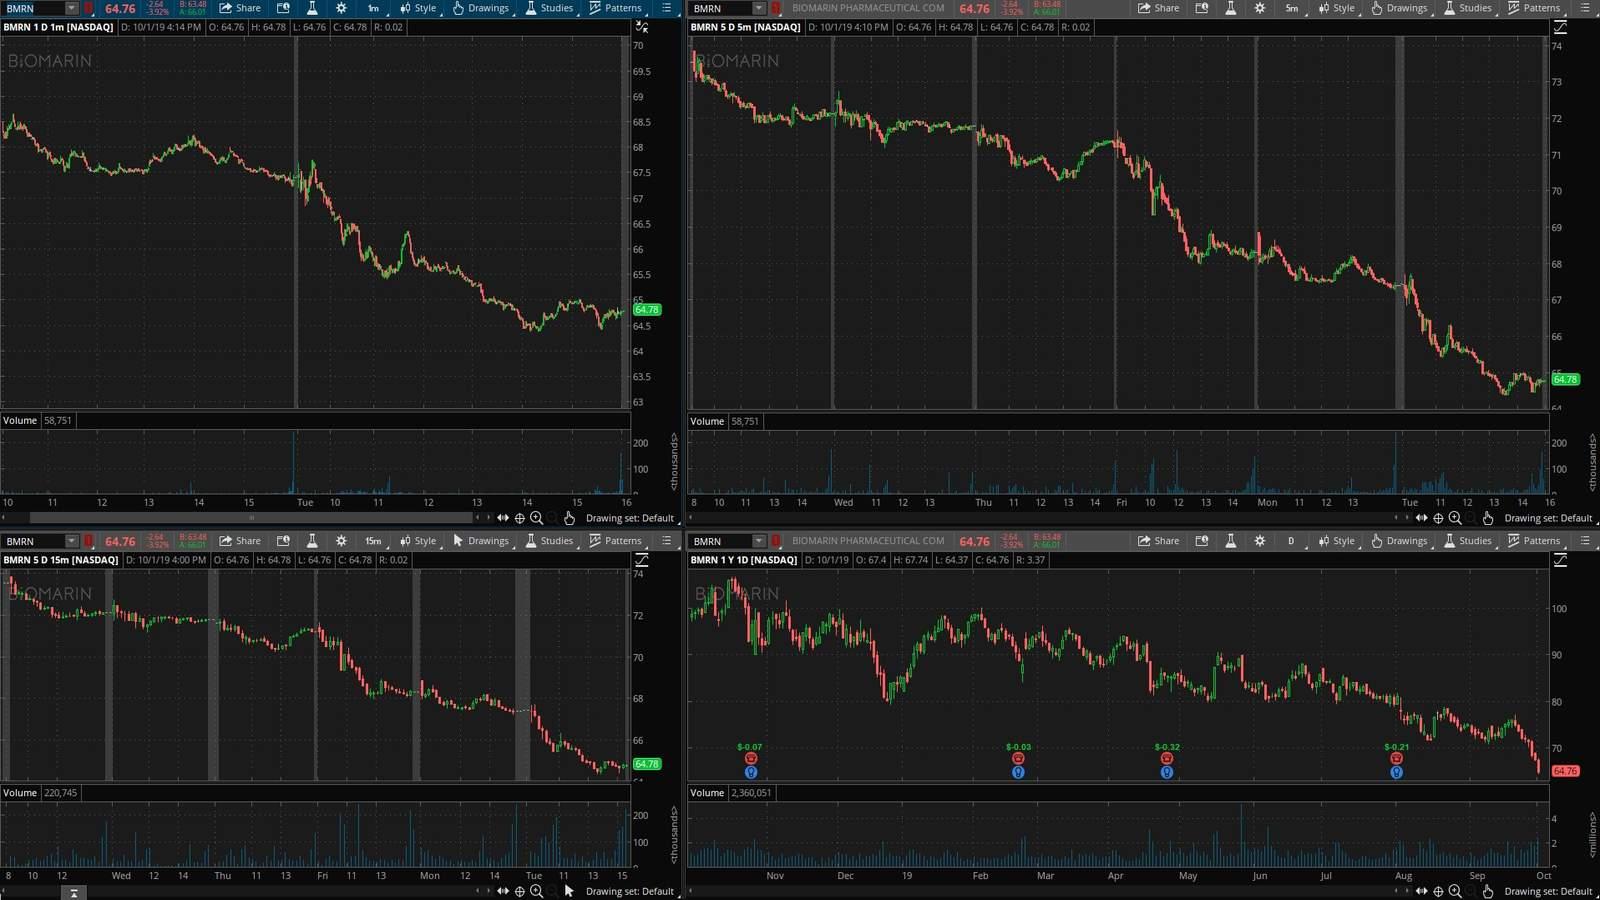 BMRN акция на фондовой бирже